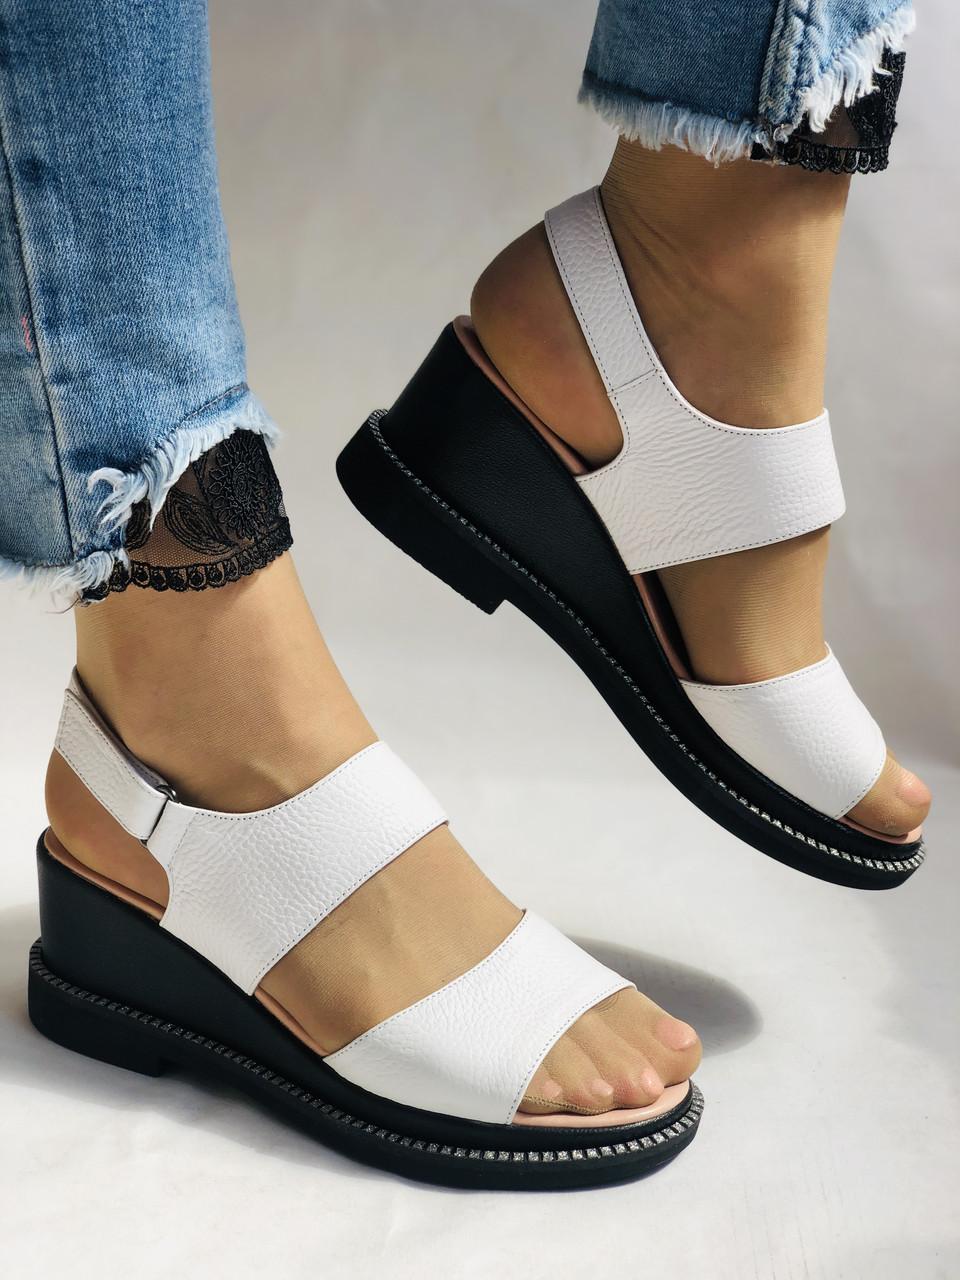 Модні босоніжки, білі на невисокій платформі.Натуральна шкіра. Розмір 37.38,39.40.Туреччина. Магазин Vellena